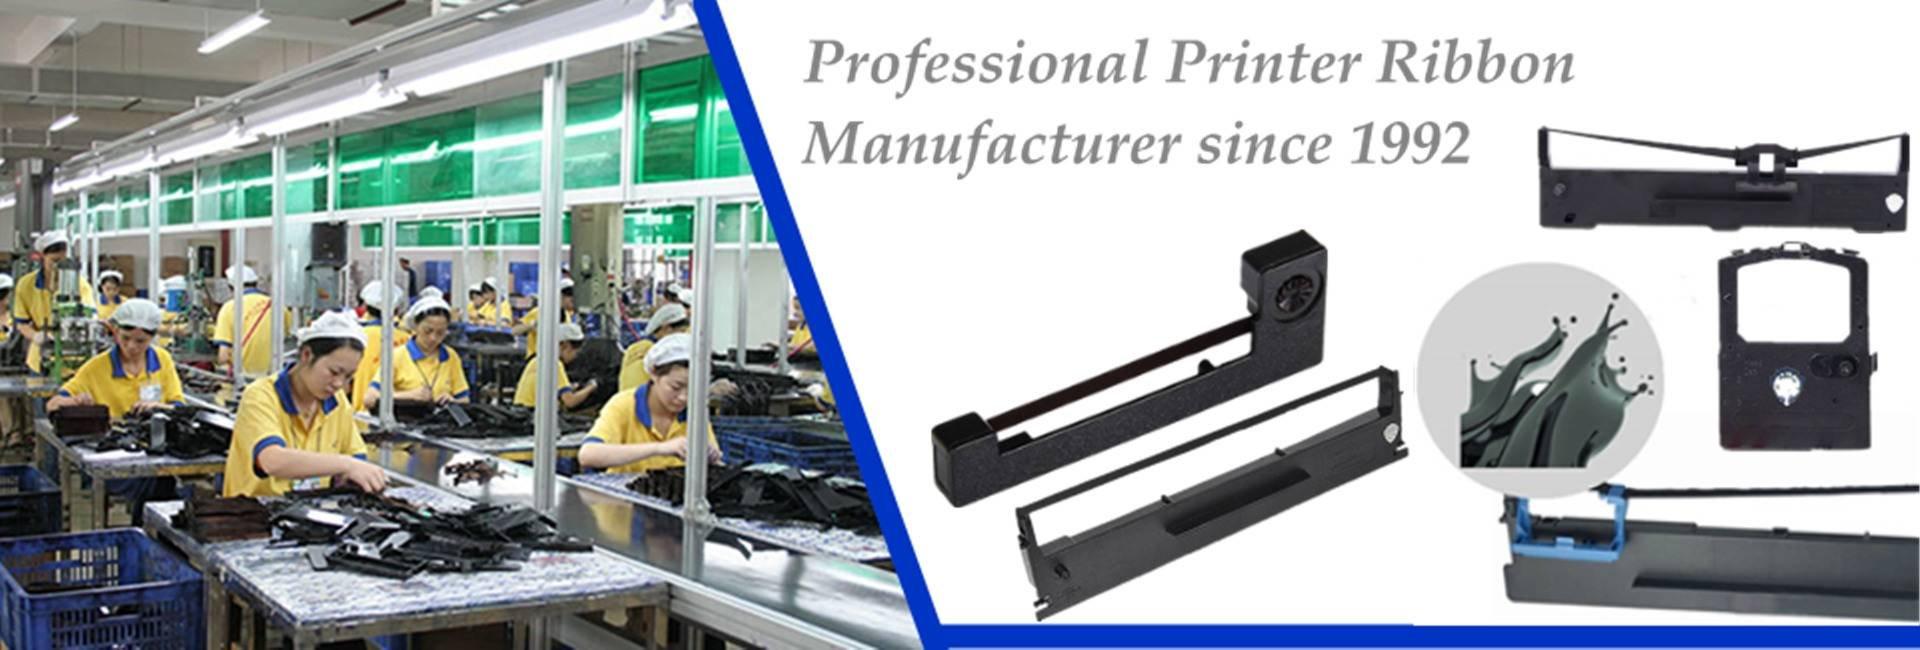 Printer Ribbon Manufacturer